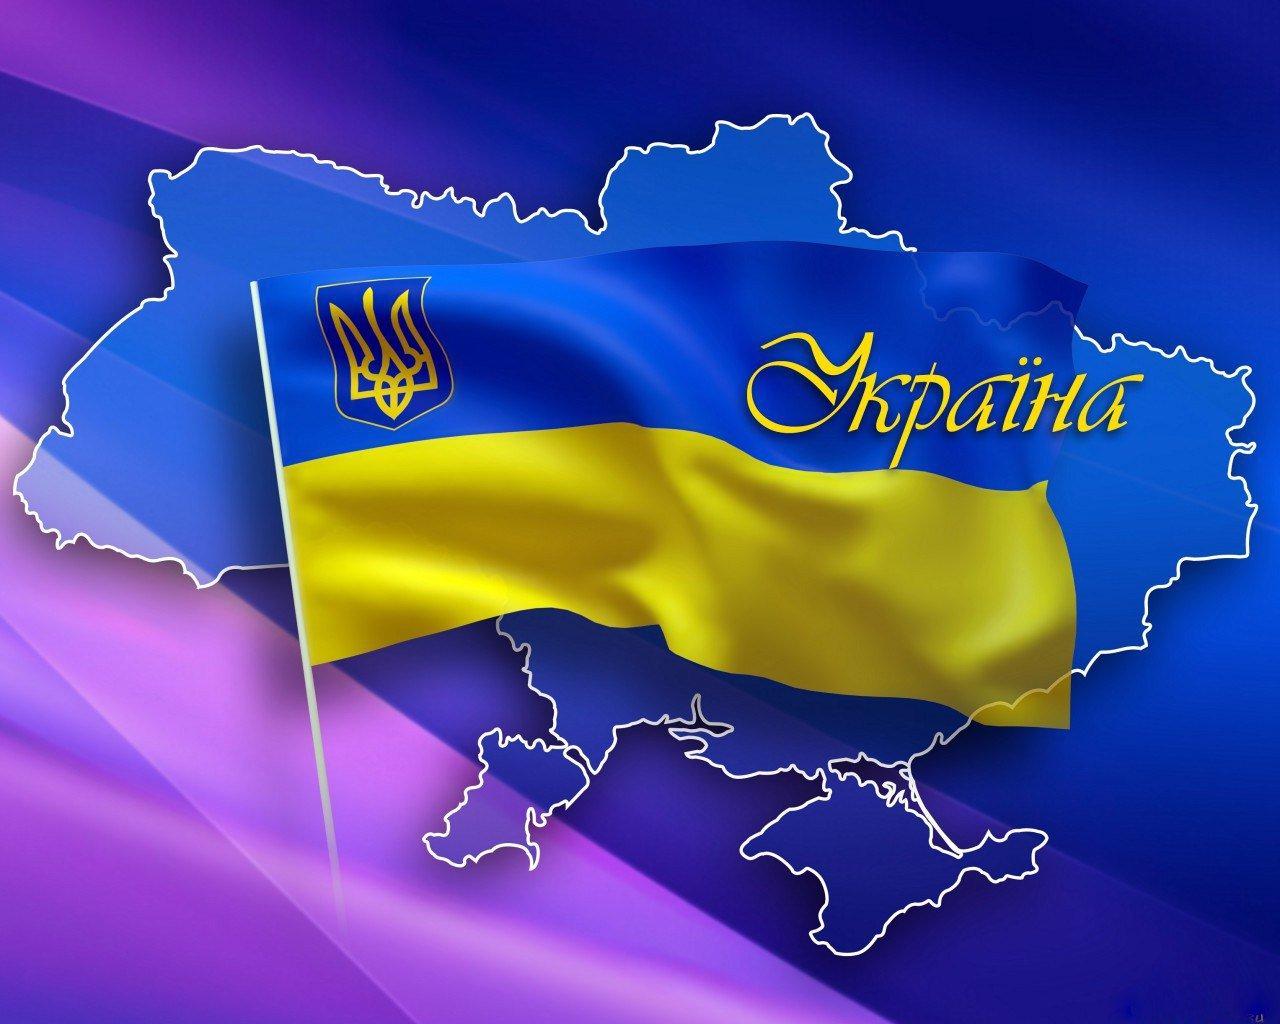 Бесплатные курсы по изучению украинского языка открыты в Беларуси